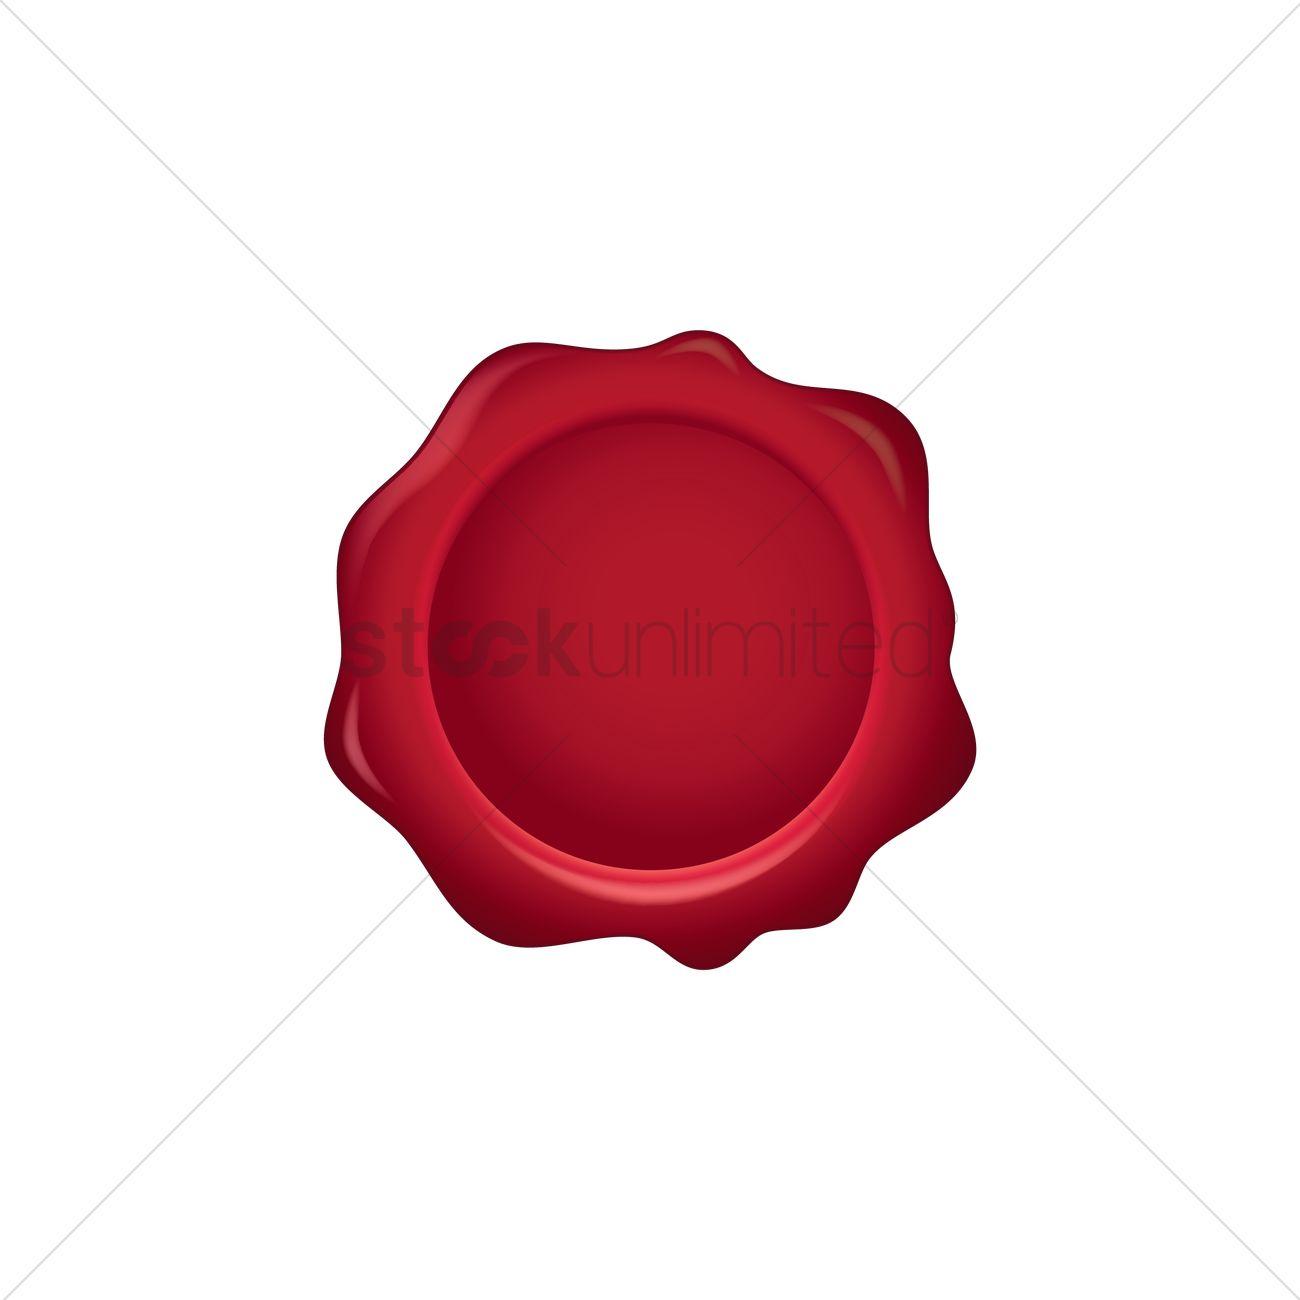 1300x1300 Wax Seal Vector Image